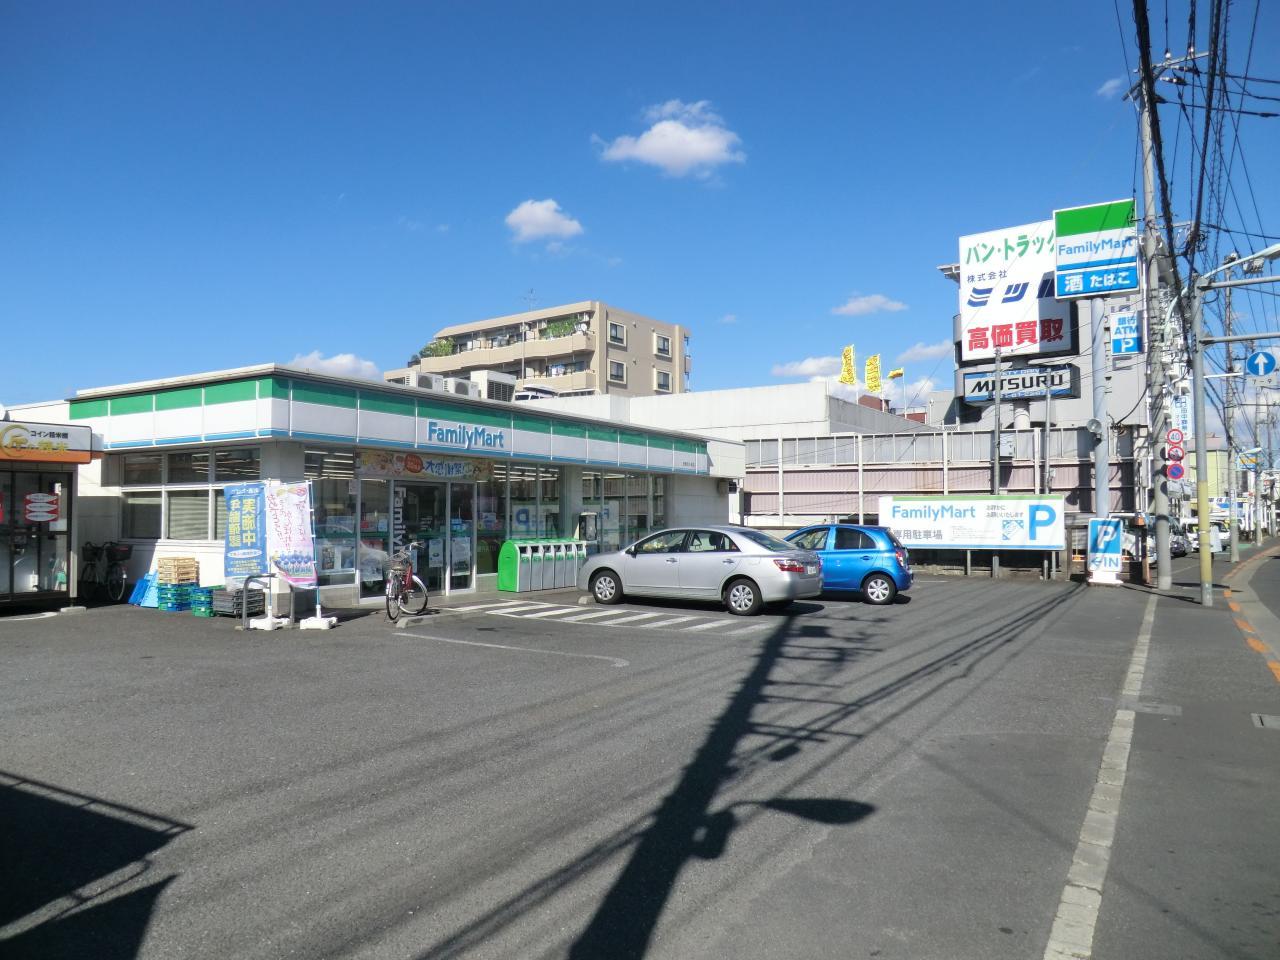 ファミリーマート 田無芝久保店